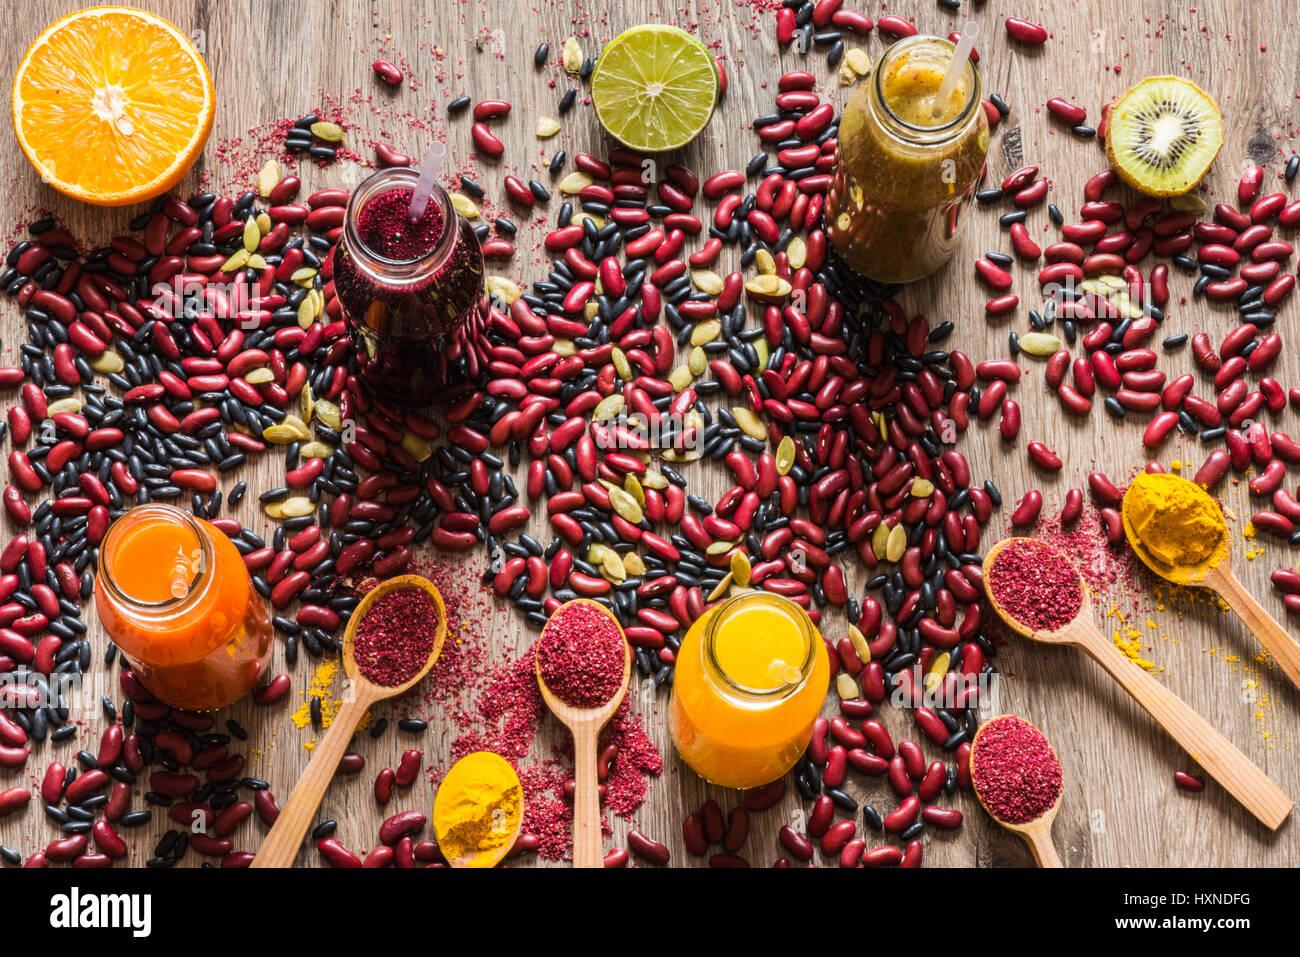 Detox dieta. Colorati diversi succhi di frutta freschi. vista superiore Immagini Stock